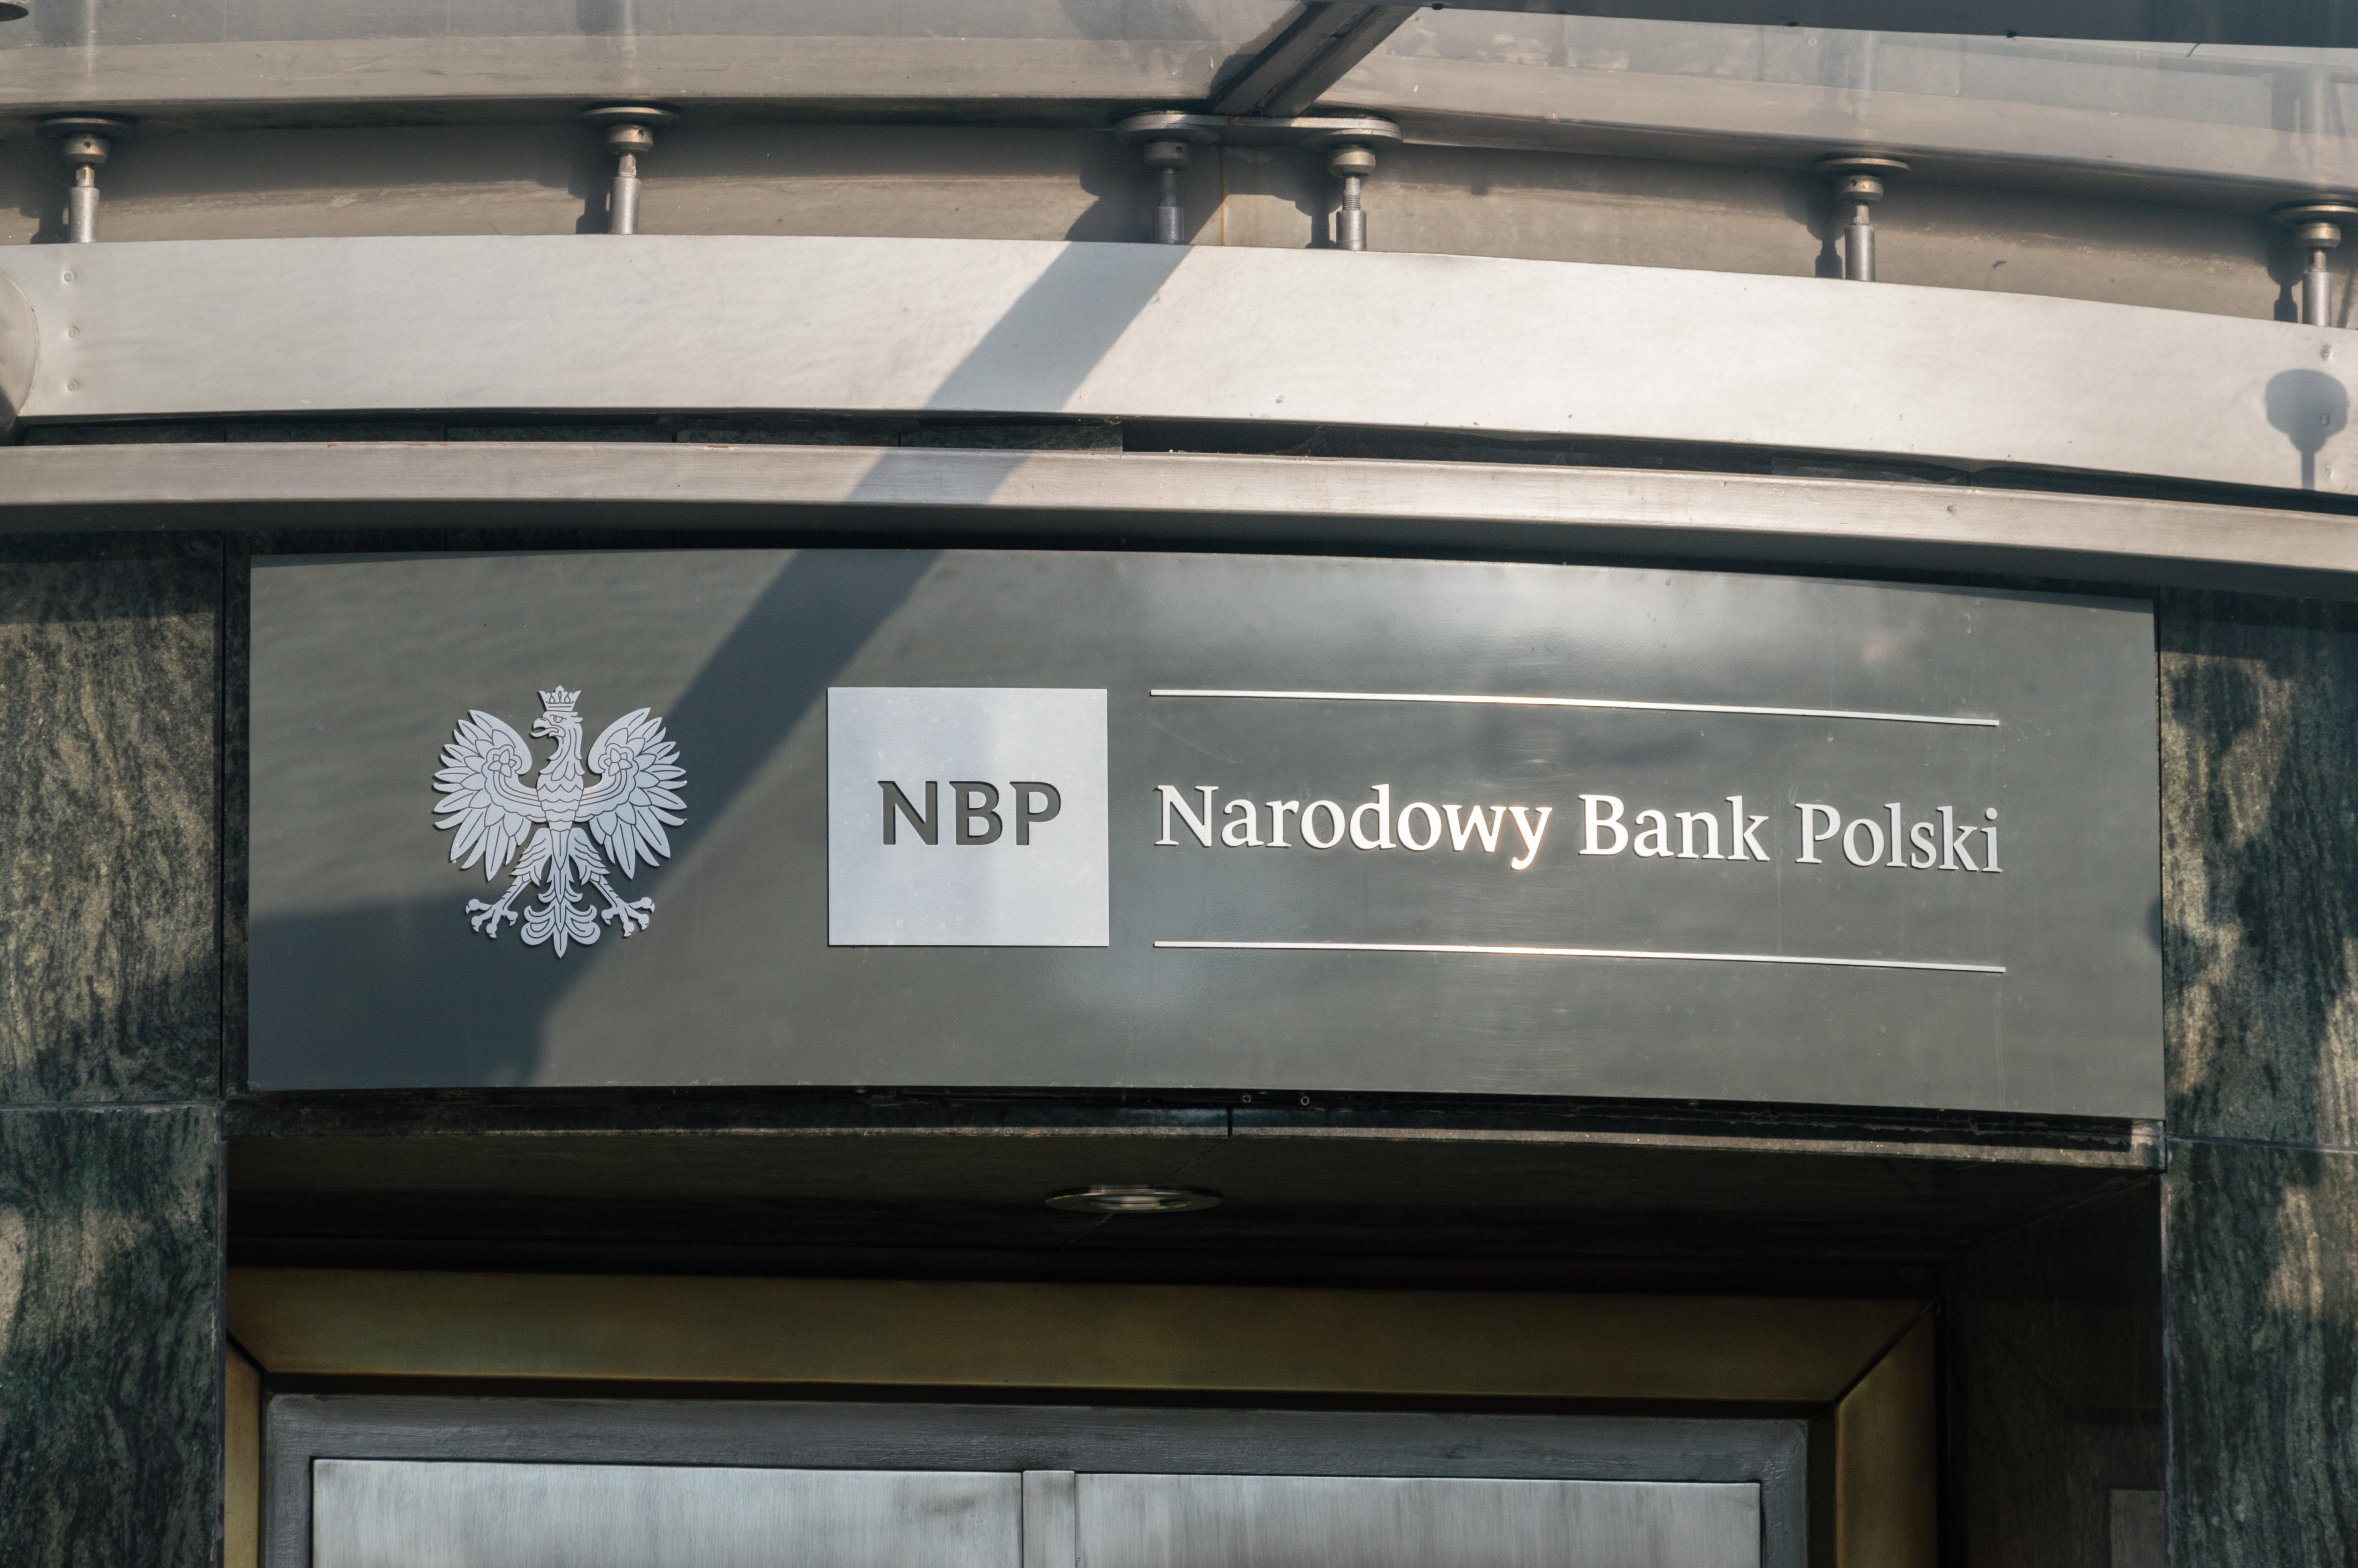 Банк в Польше для открытия счета с целью ведения бизнеса